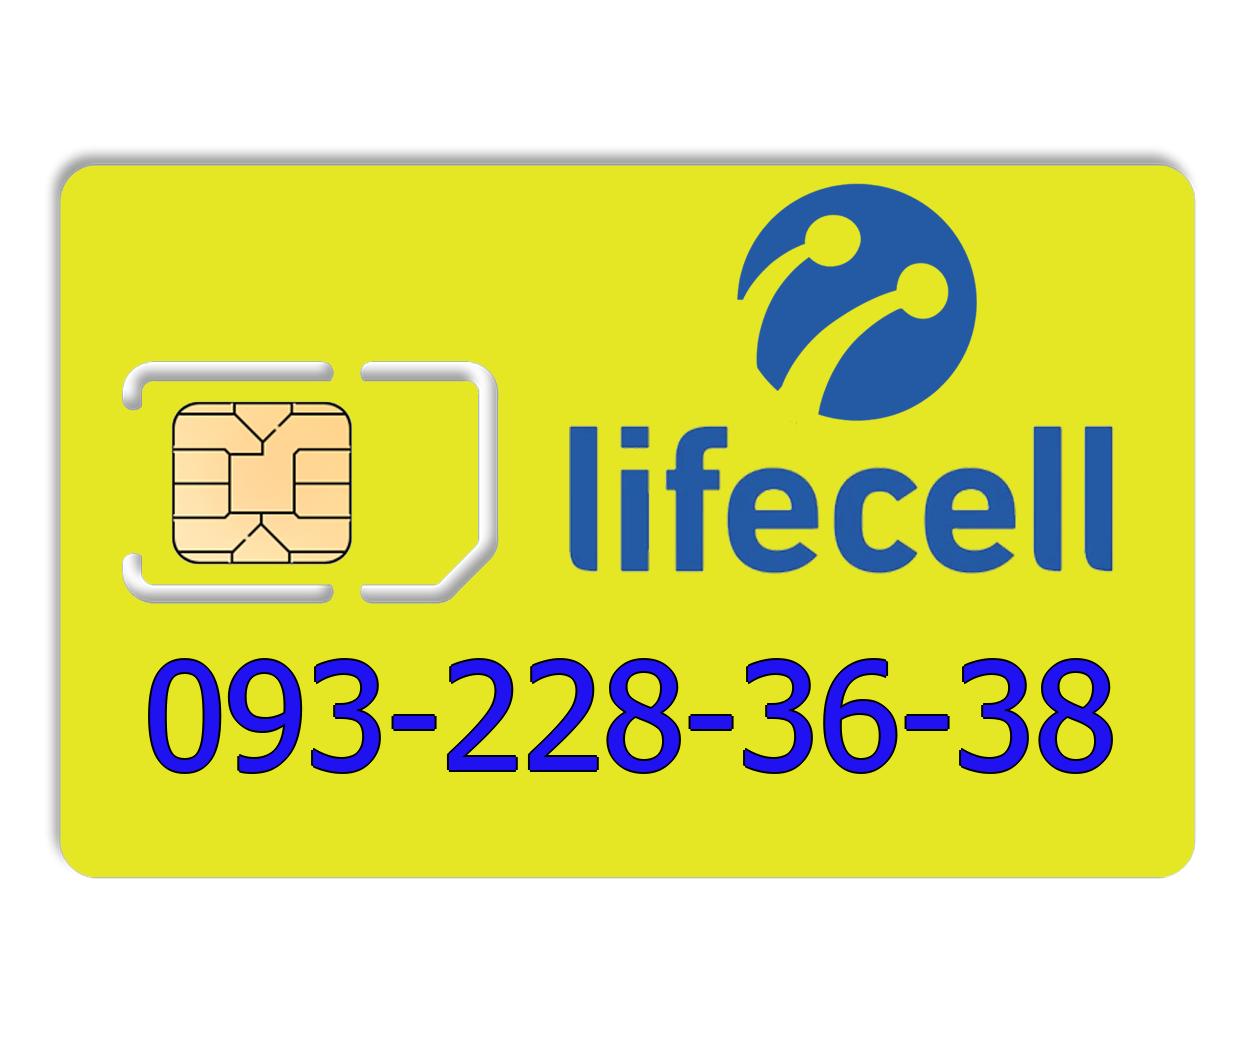 Красивый номер lifecell 093-228-36-38